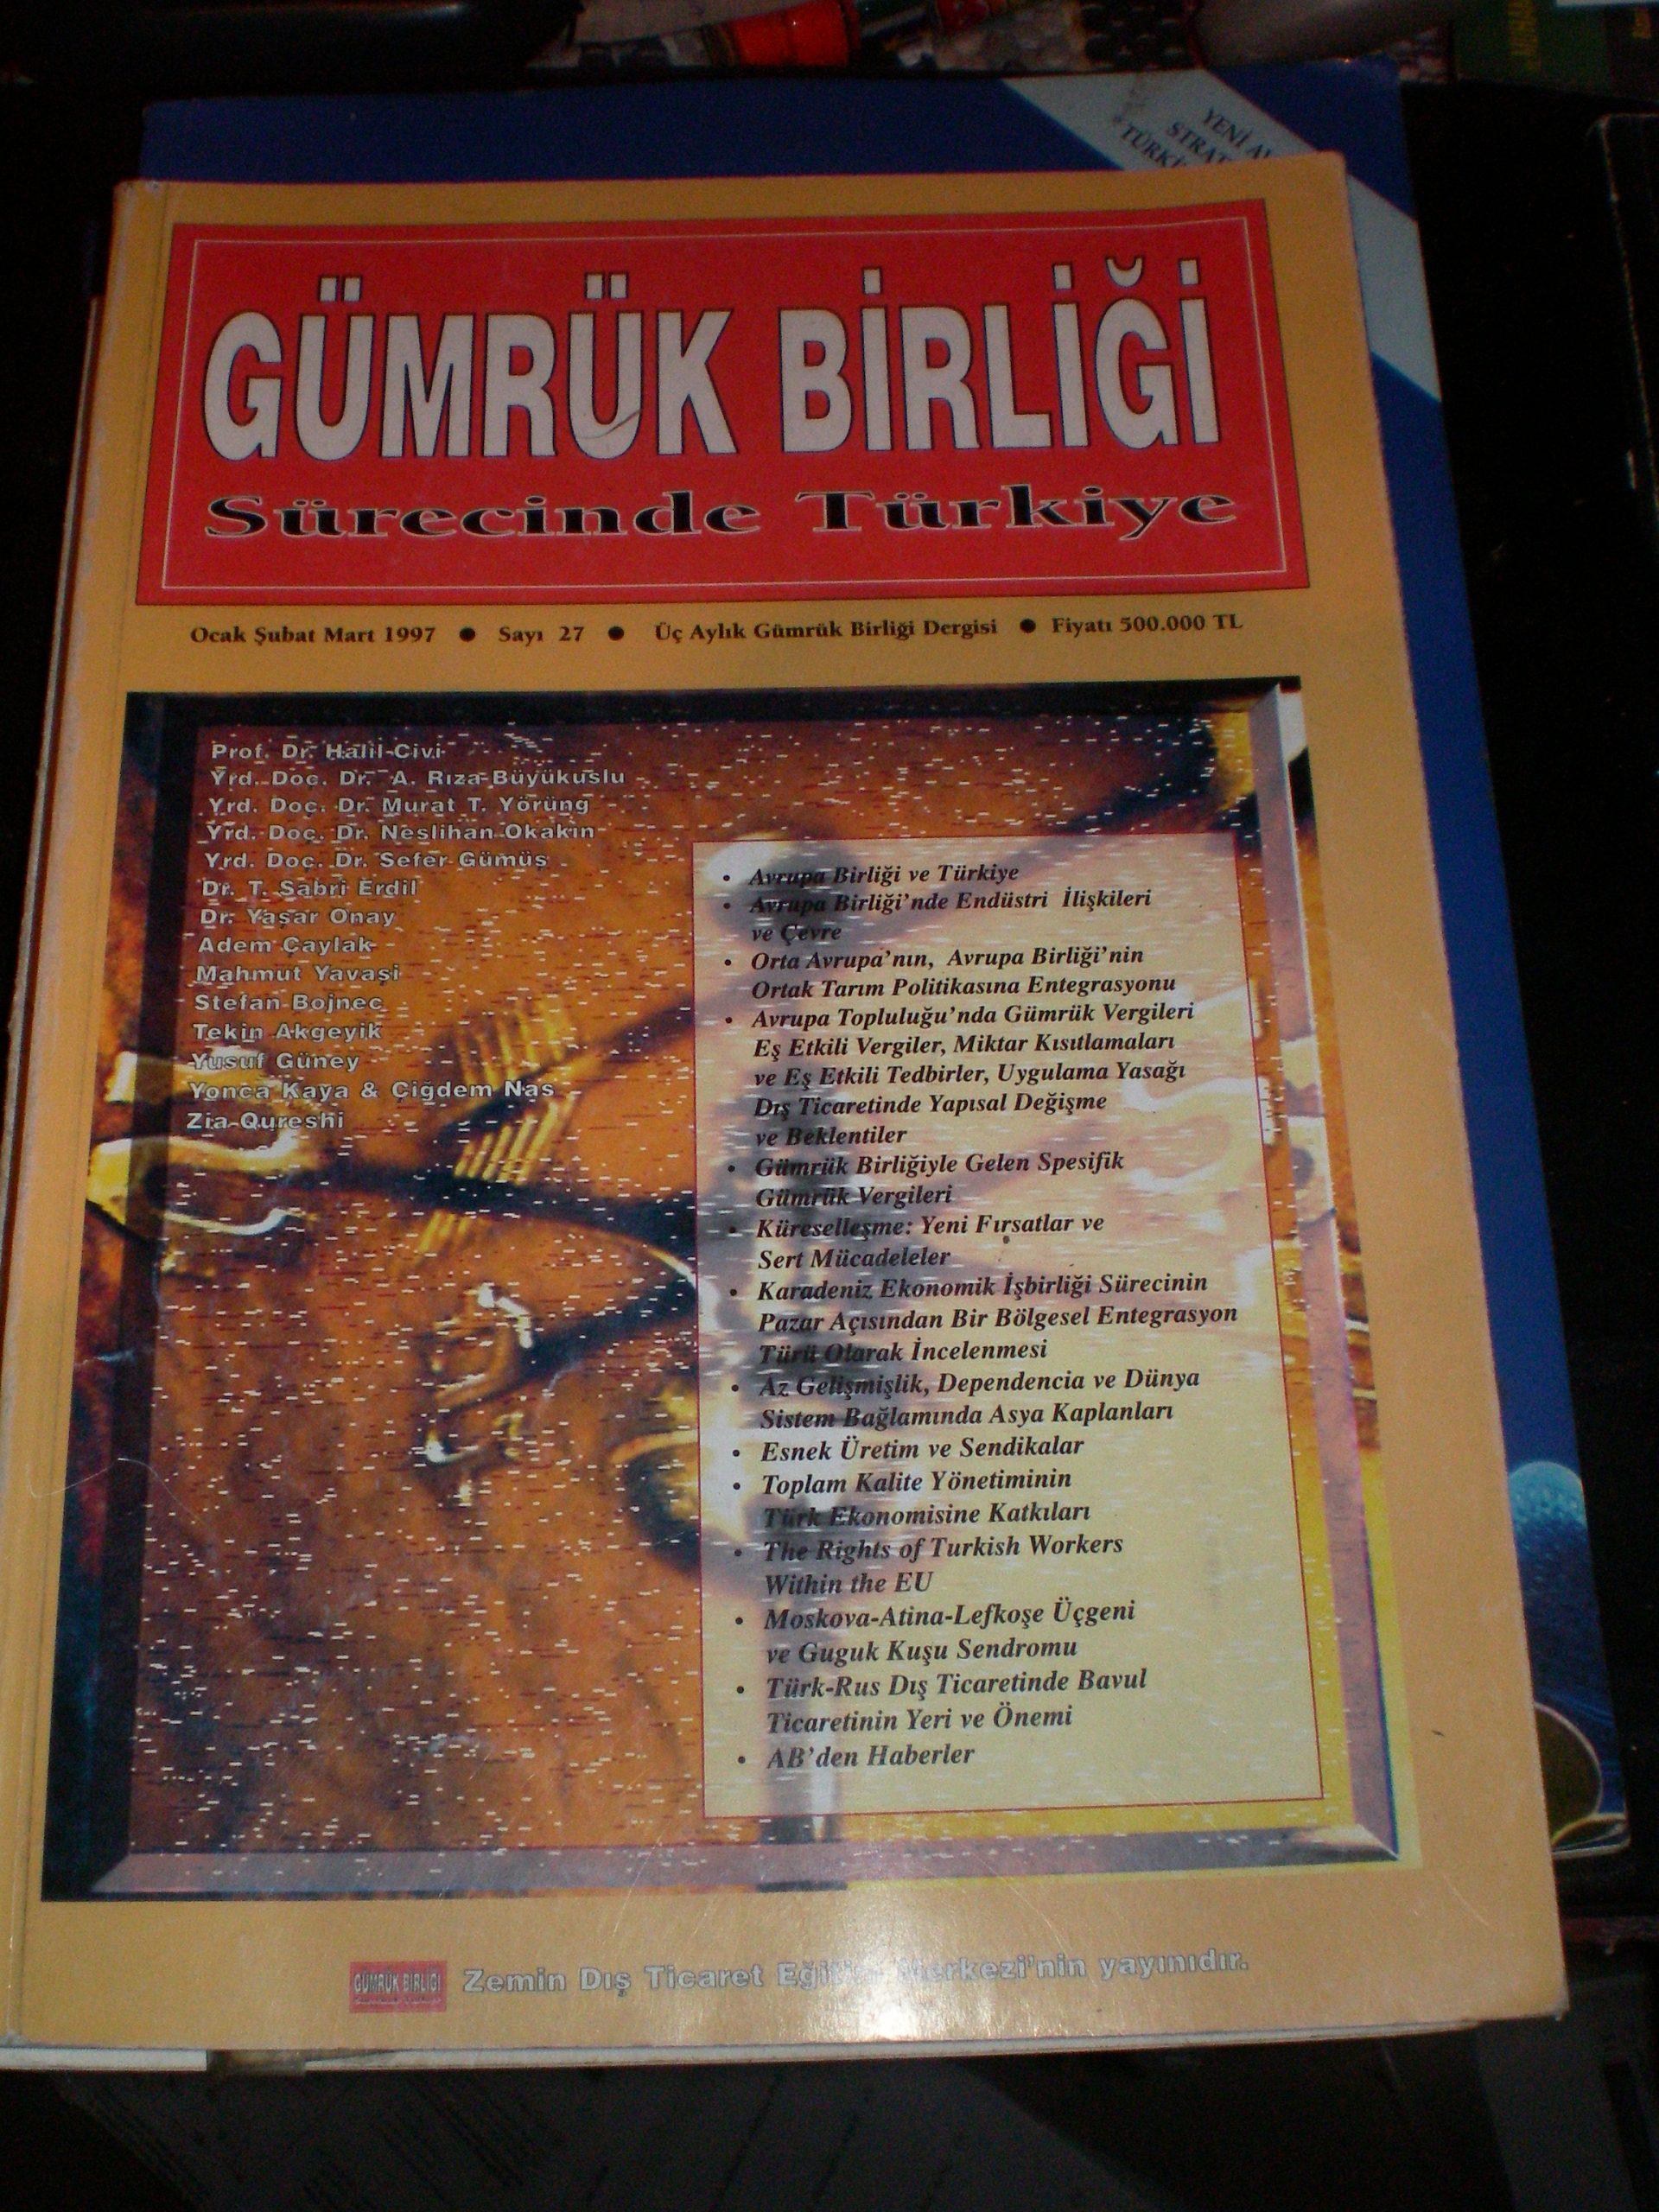 GÜMRÜK BİRLİĞİ sürecinde Türkiye/ 1997/sayı 27/15 tl